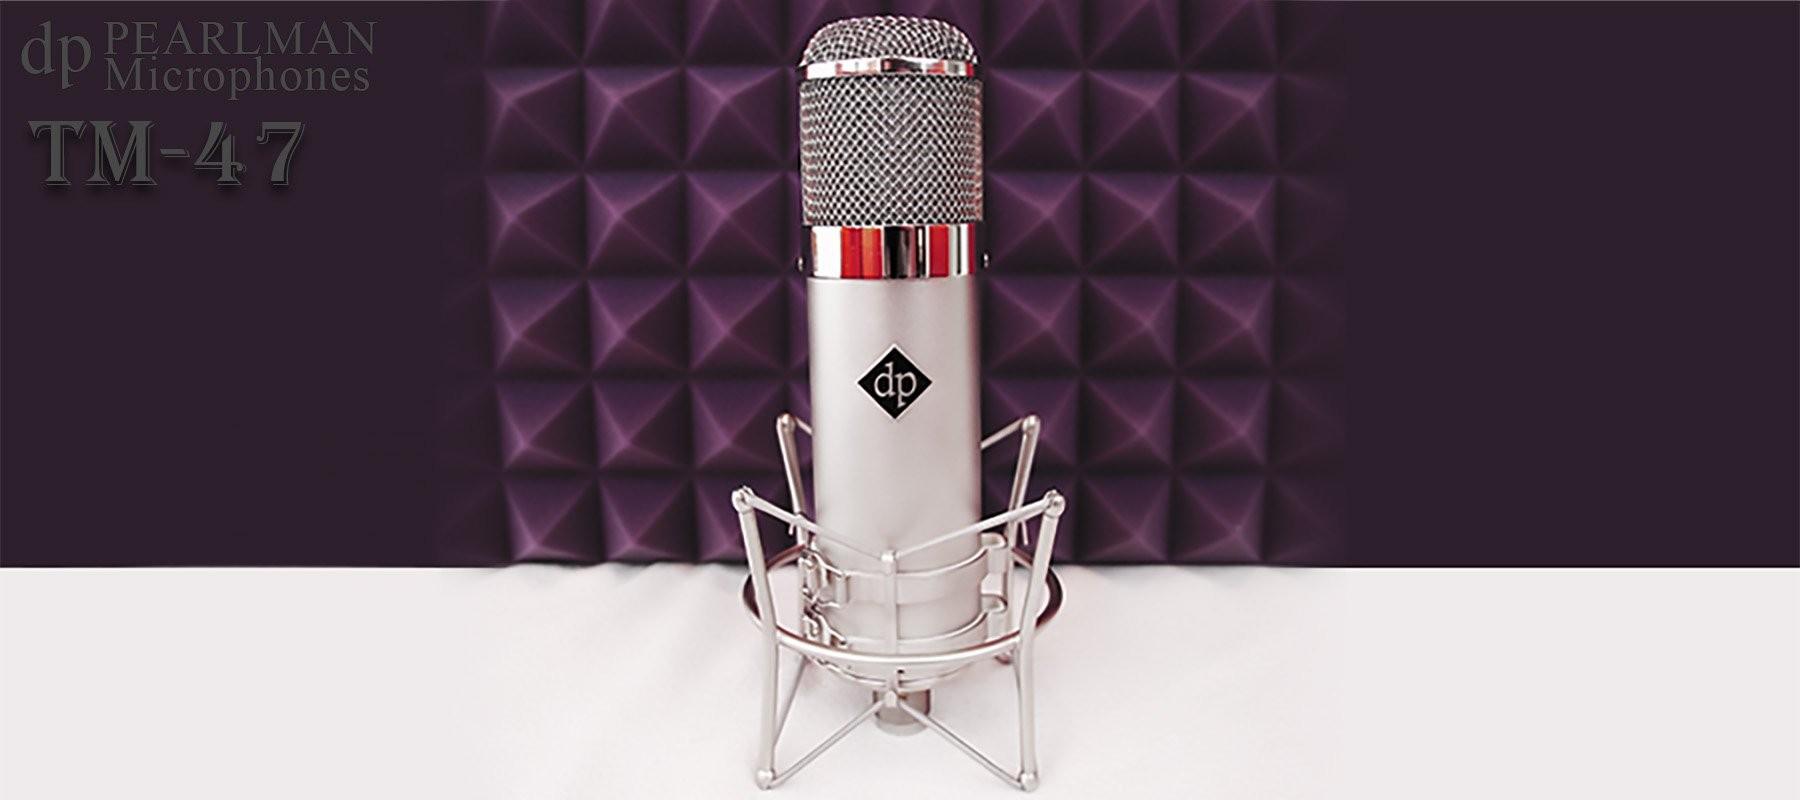 Pearlman TM-47 - In studio